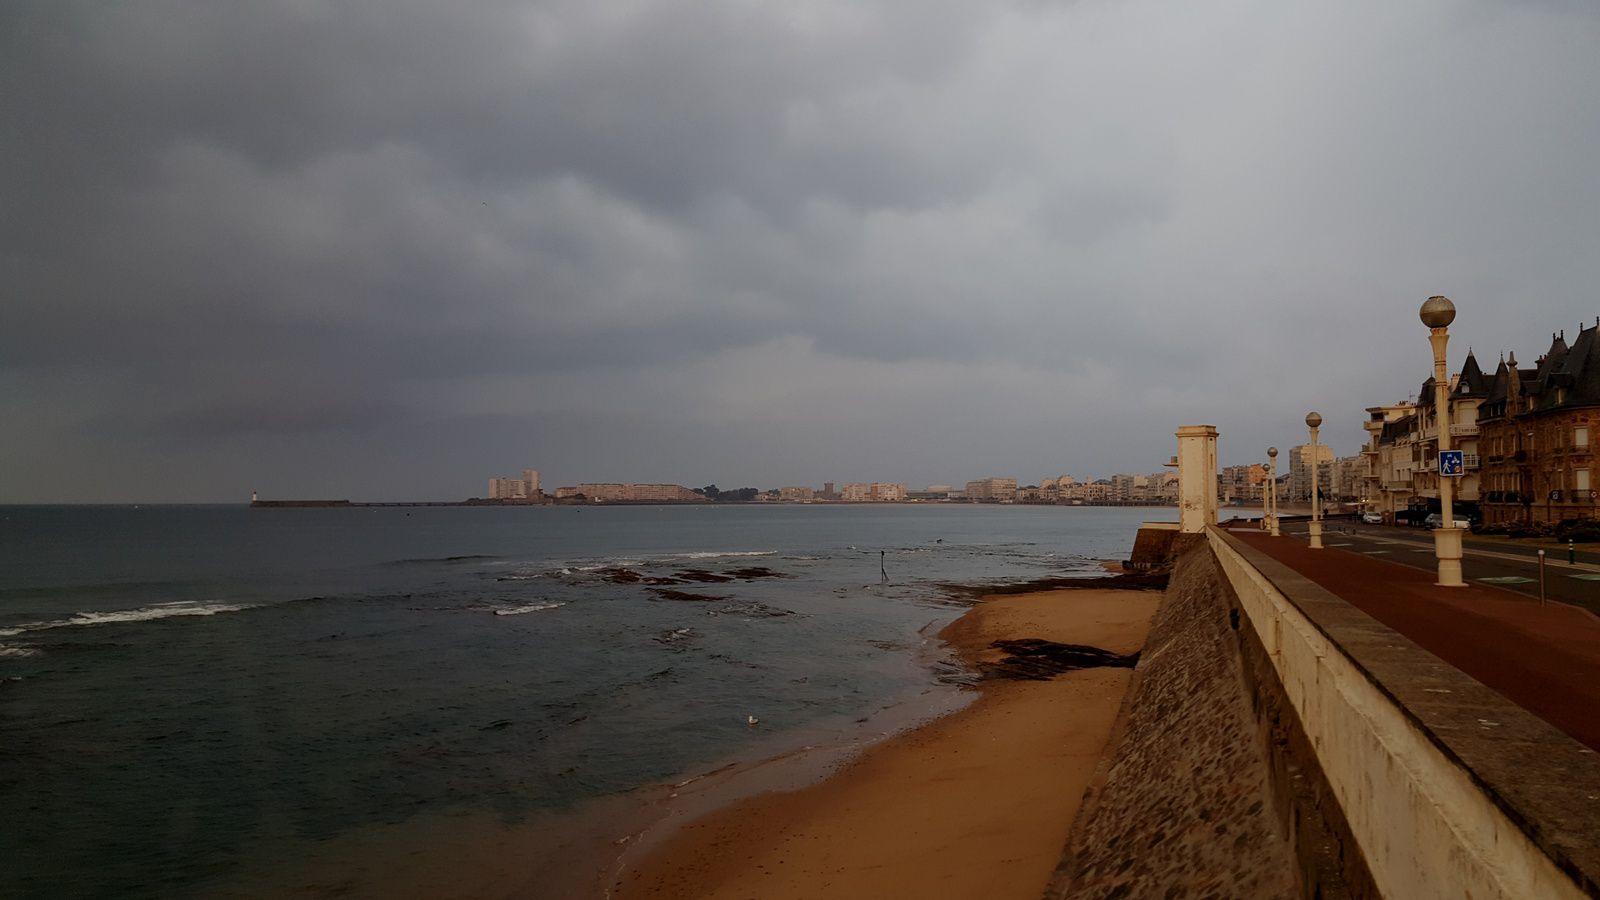 Promenade matinale aux sables d'Olonne sous ciel menaçant